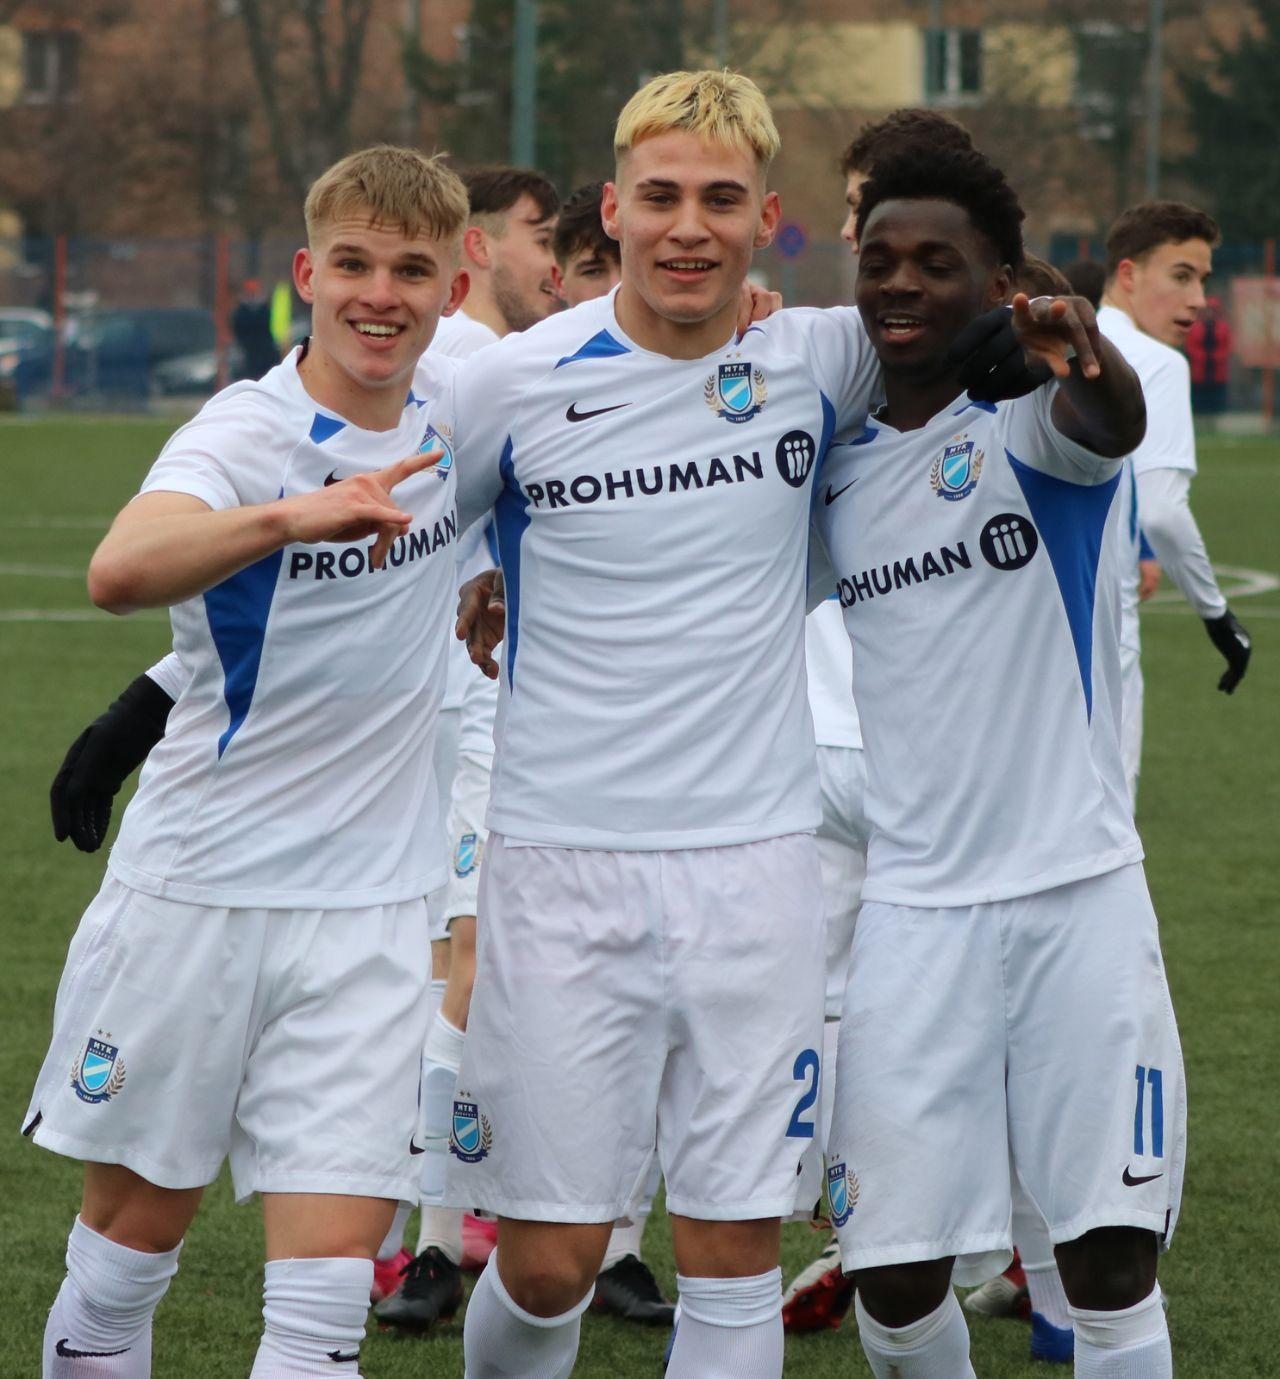 U19: Győzelem Győrben